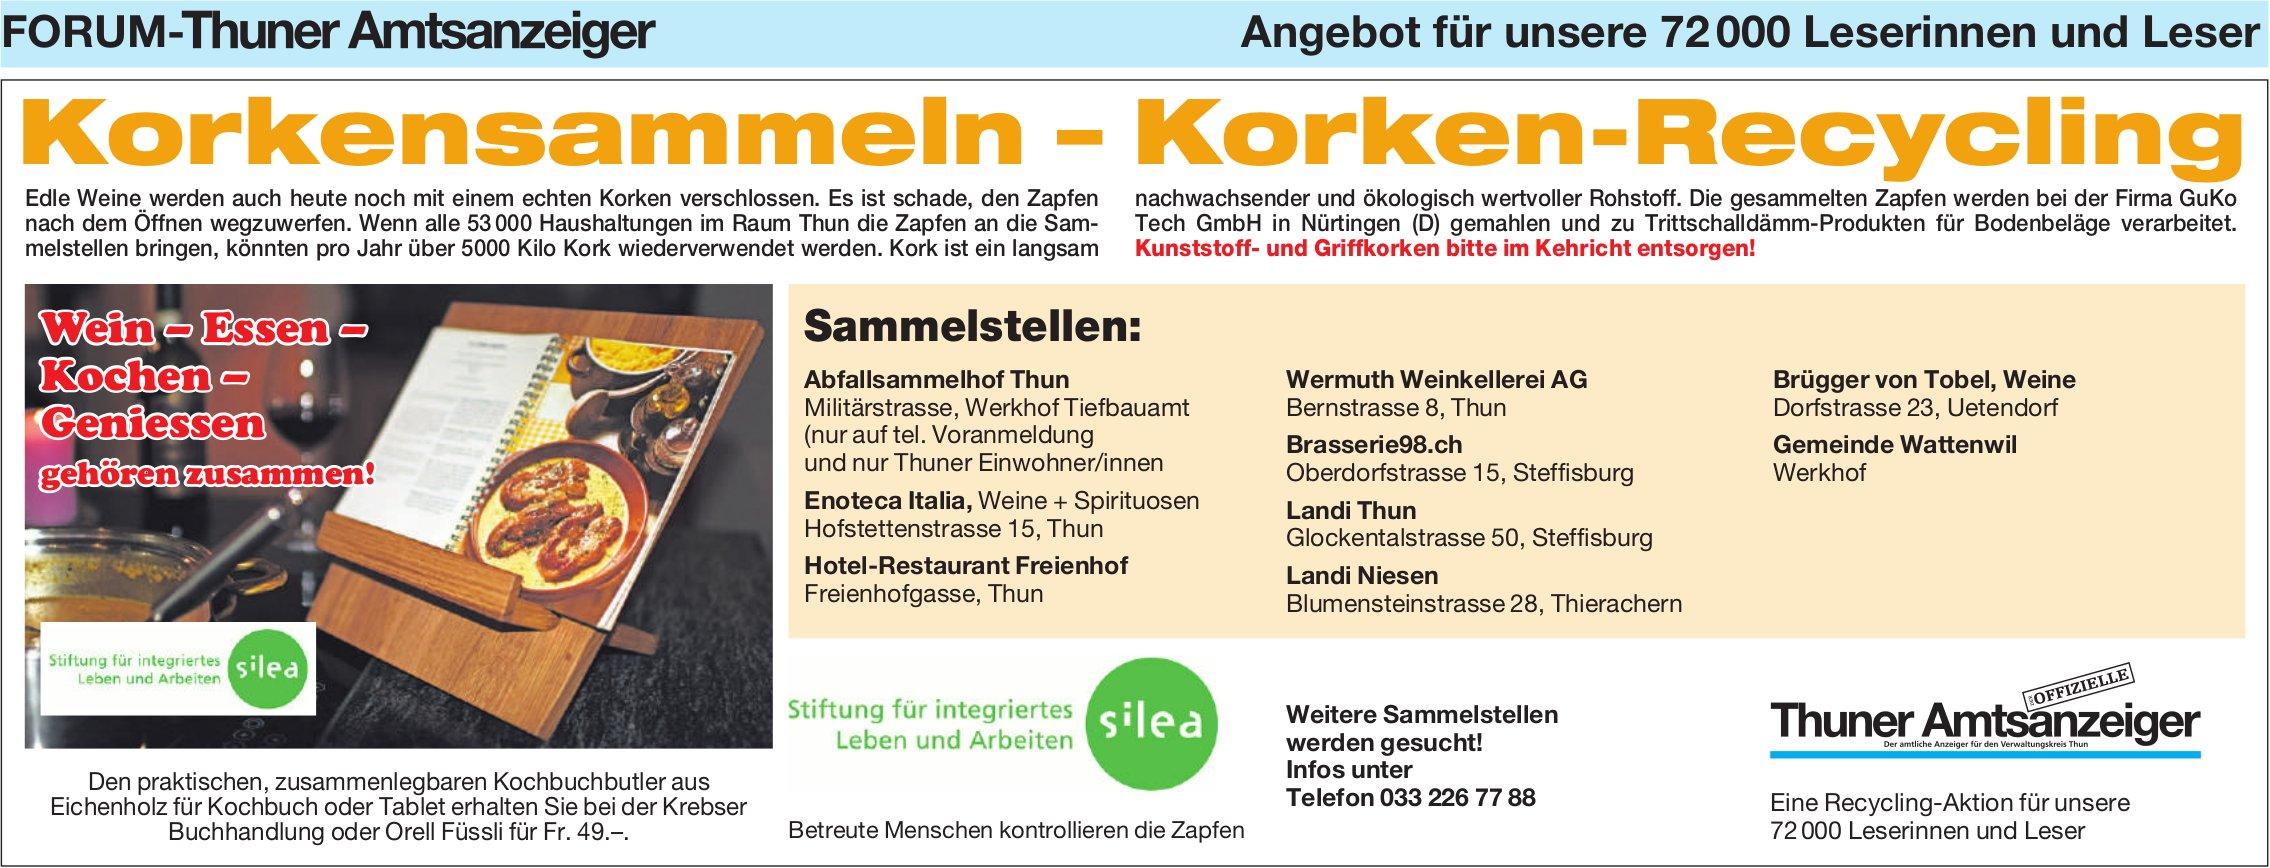 Forum-Thuner Amtsanzeiger - Korkensammeln – Korken-Recycling